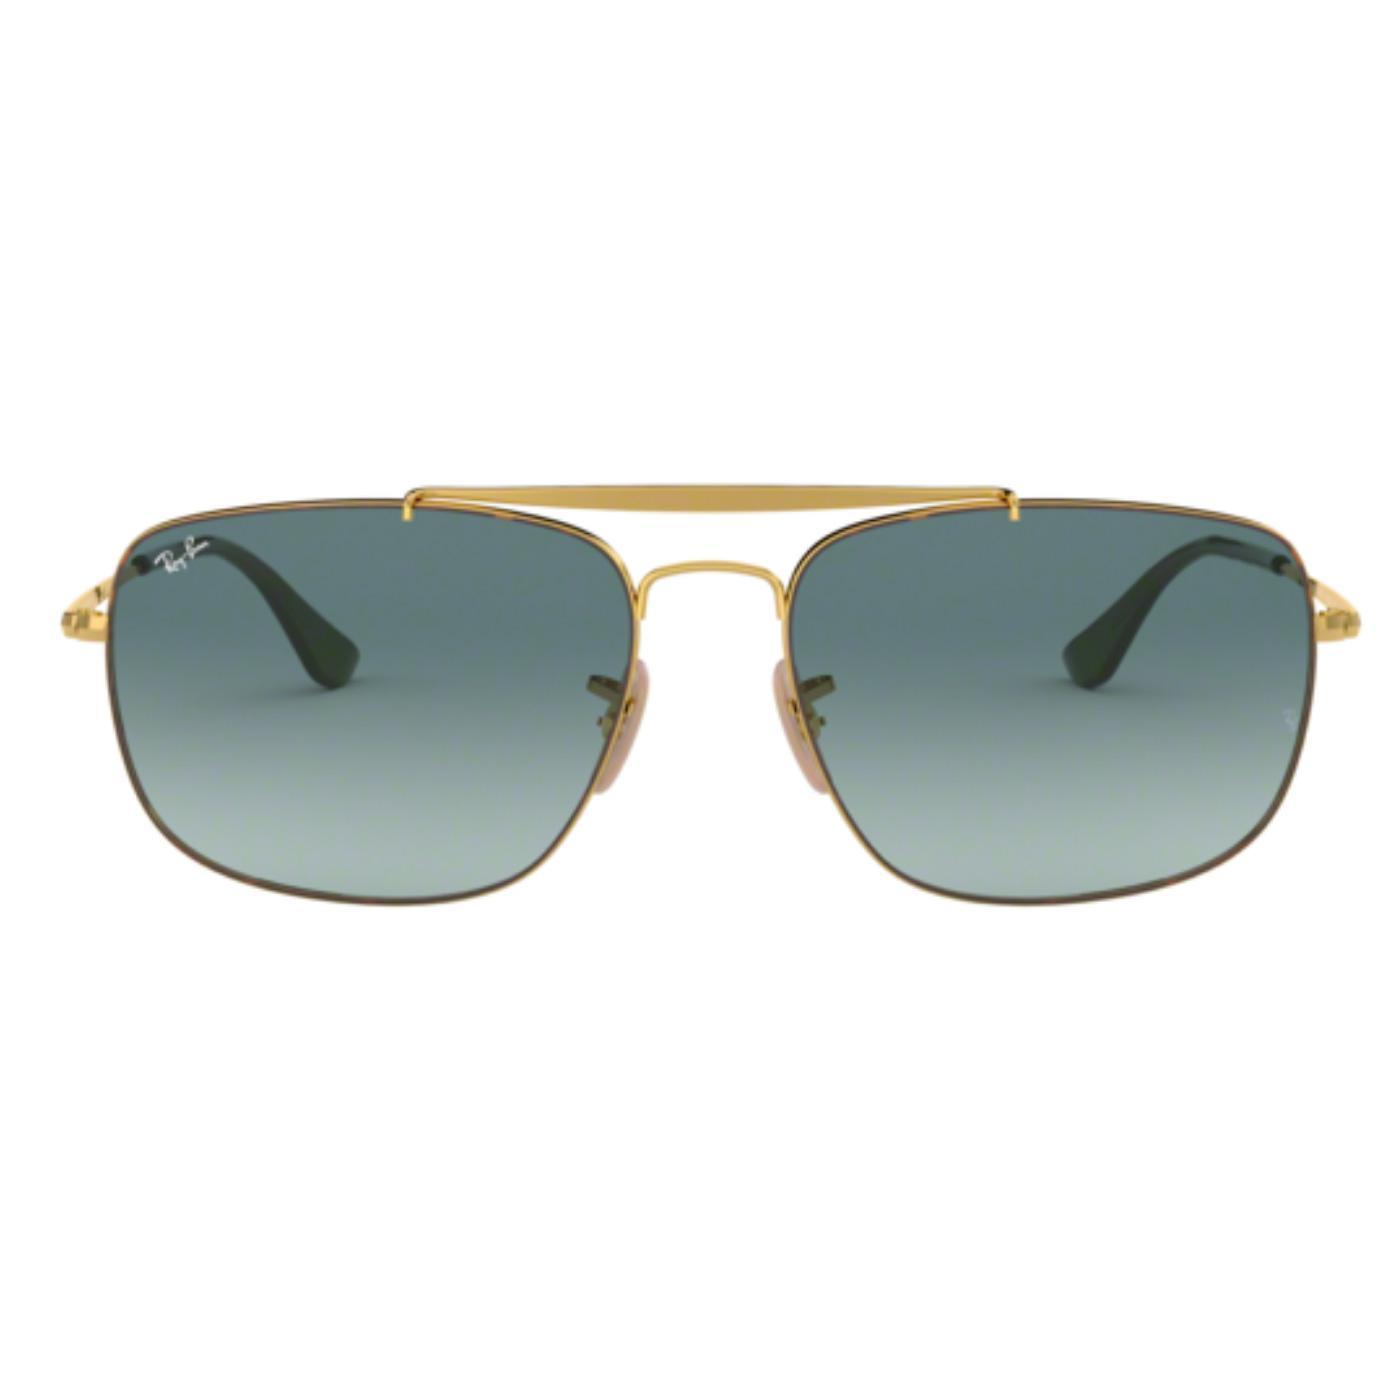 The Colonel RAY-BAN Iconic Retro Sunglasses Grey